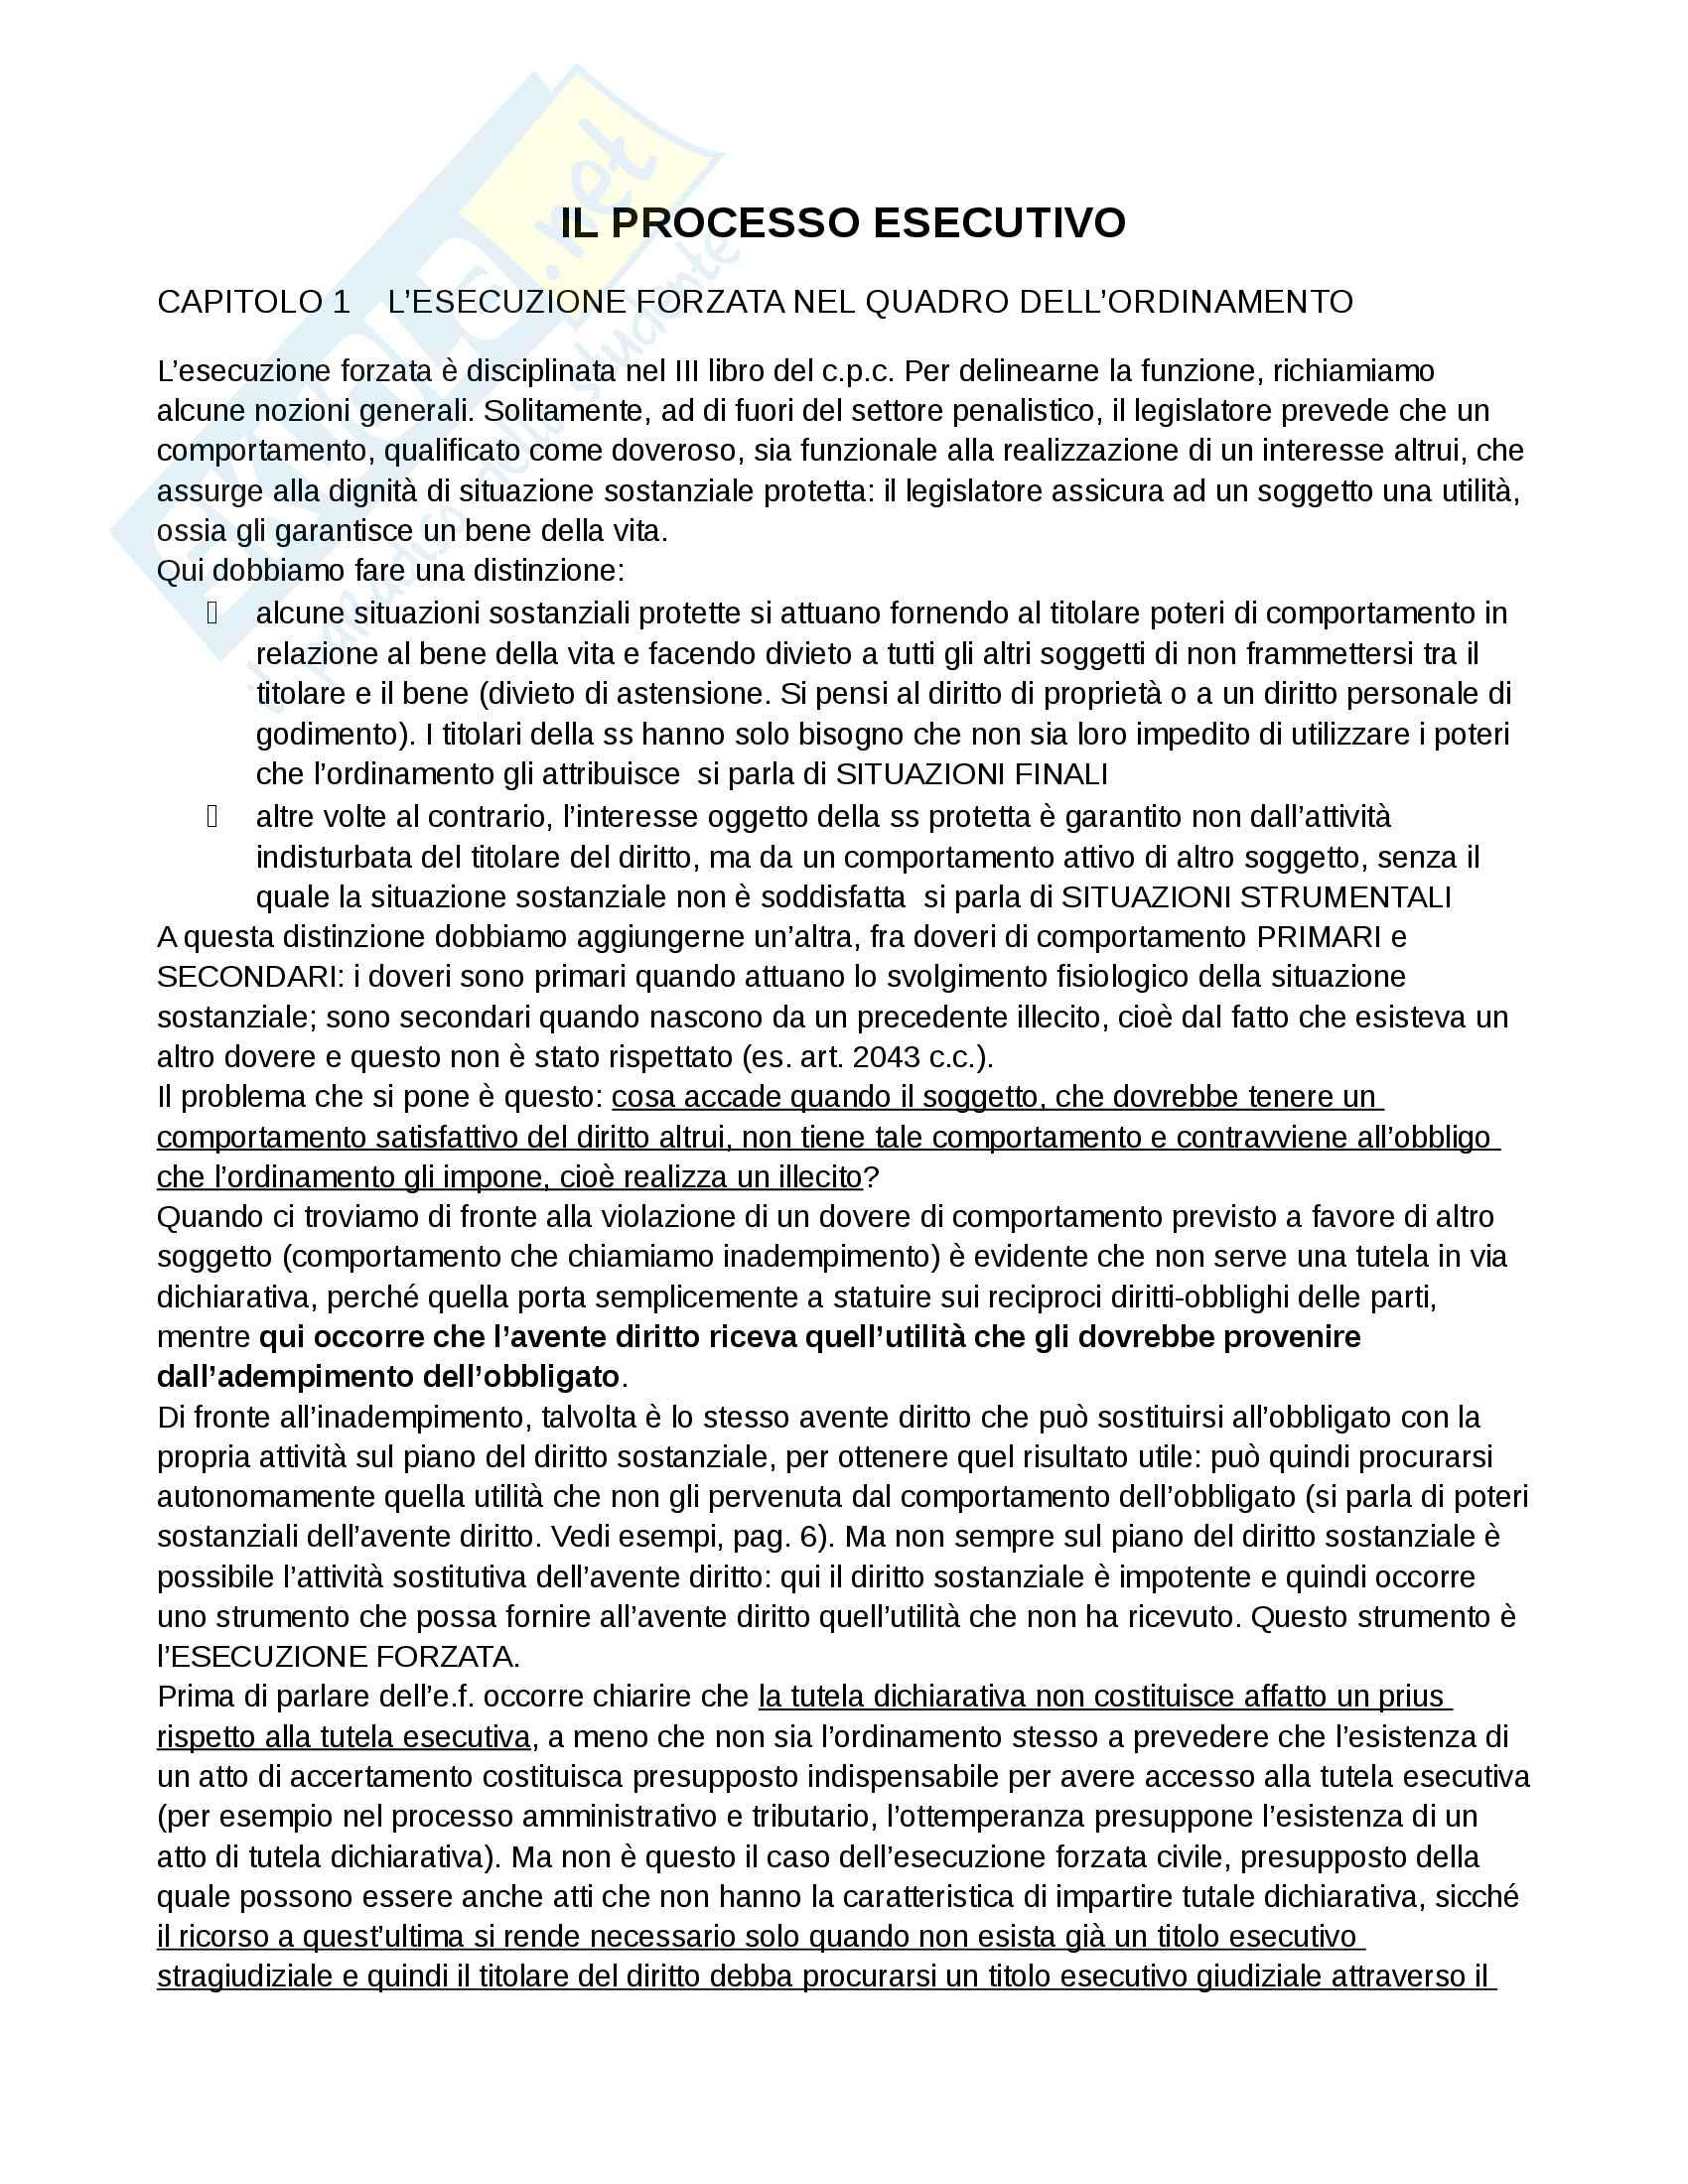 Riassunto sul processo esecutivo, per la preparazione dell'esame di procedura civile, testo di riferimento Diritto processuale civile, Luiso, vol. 3 Pag. 1